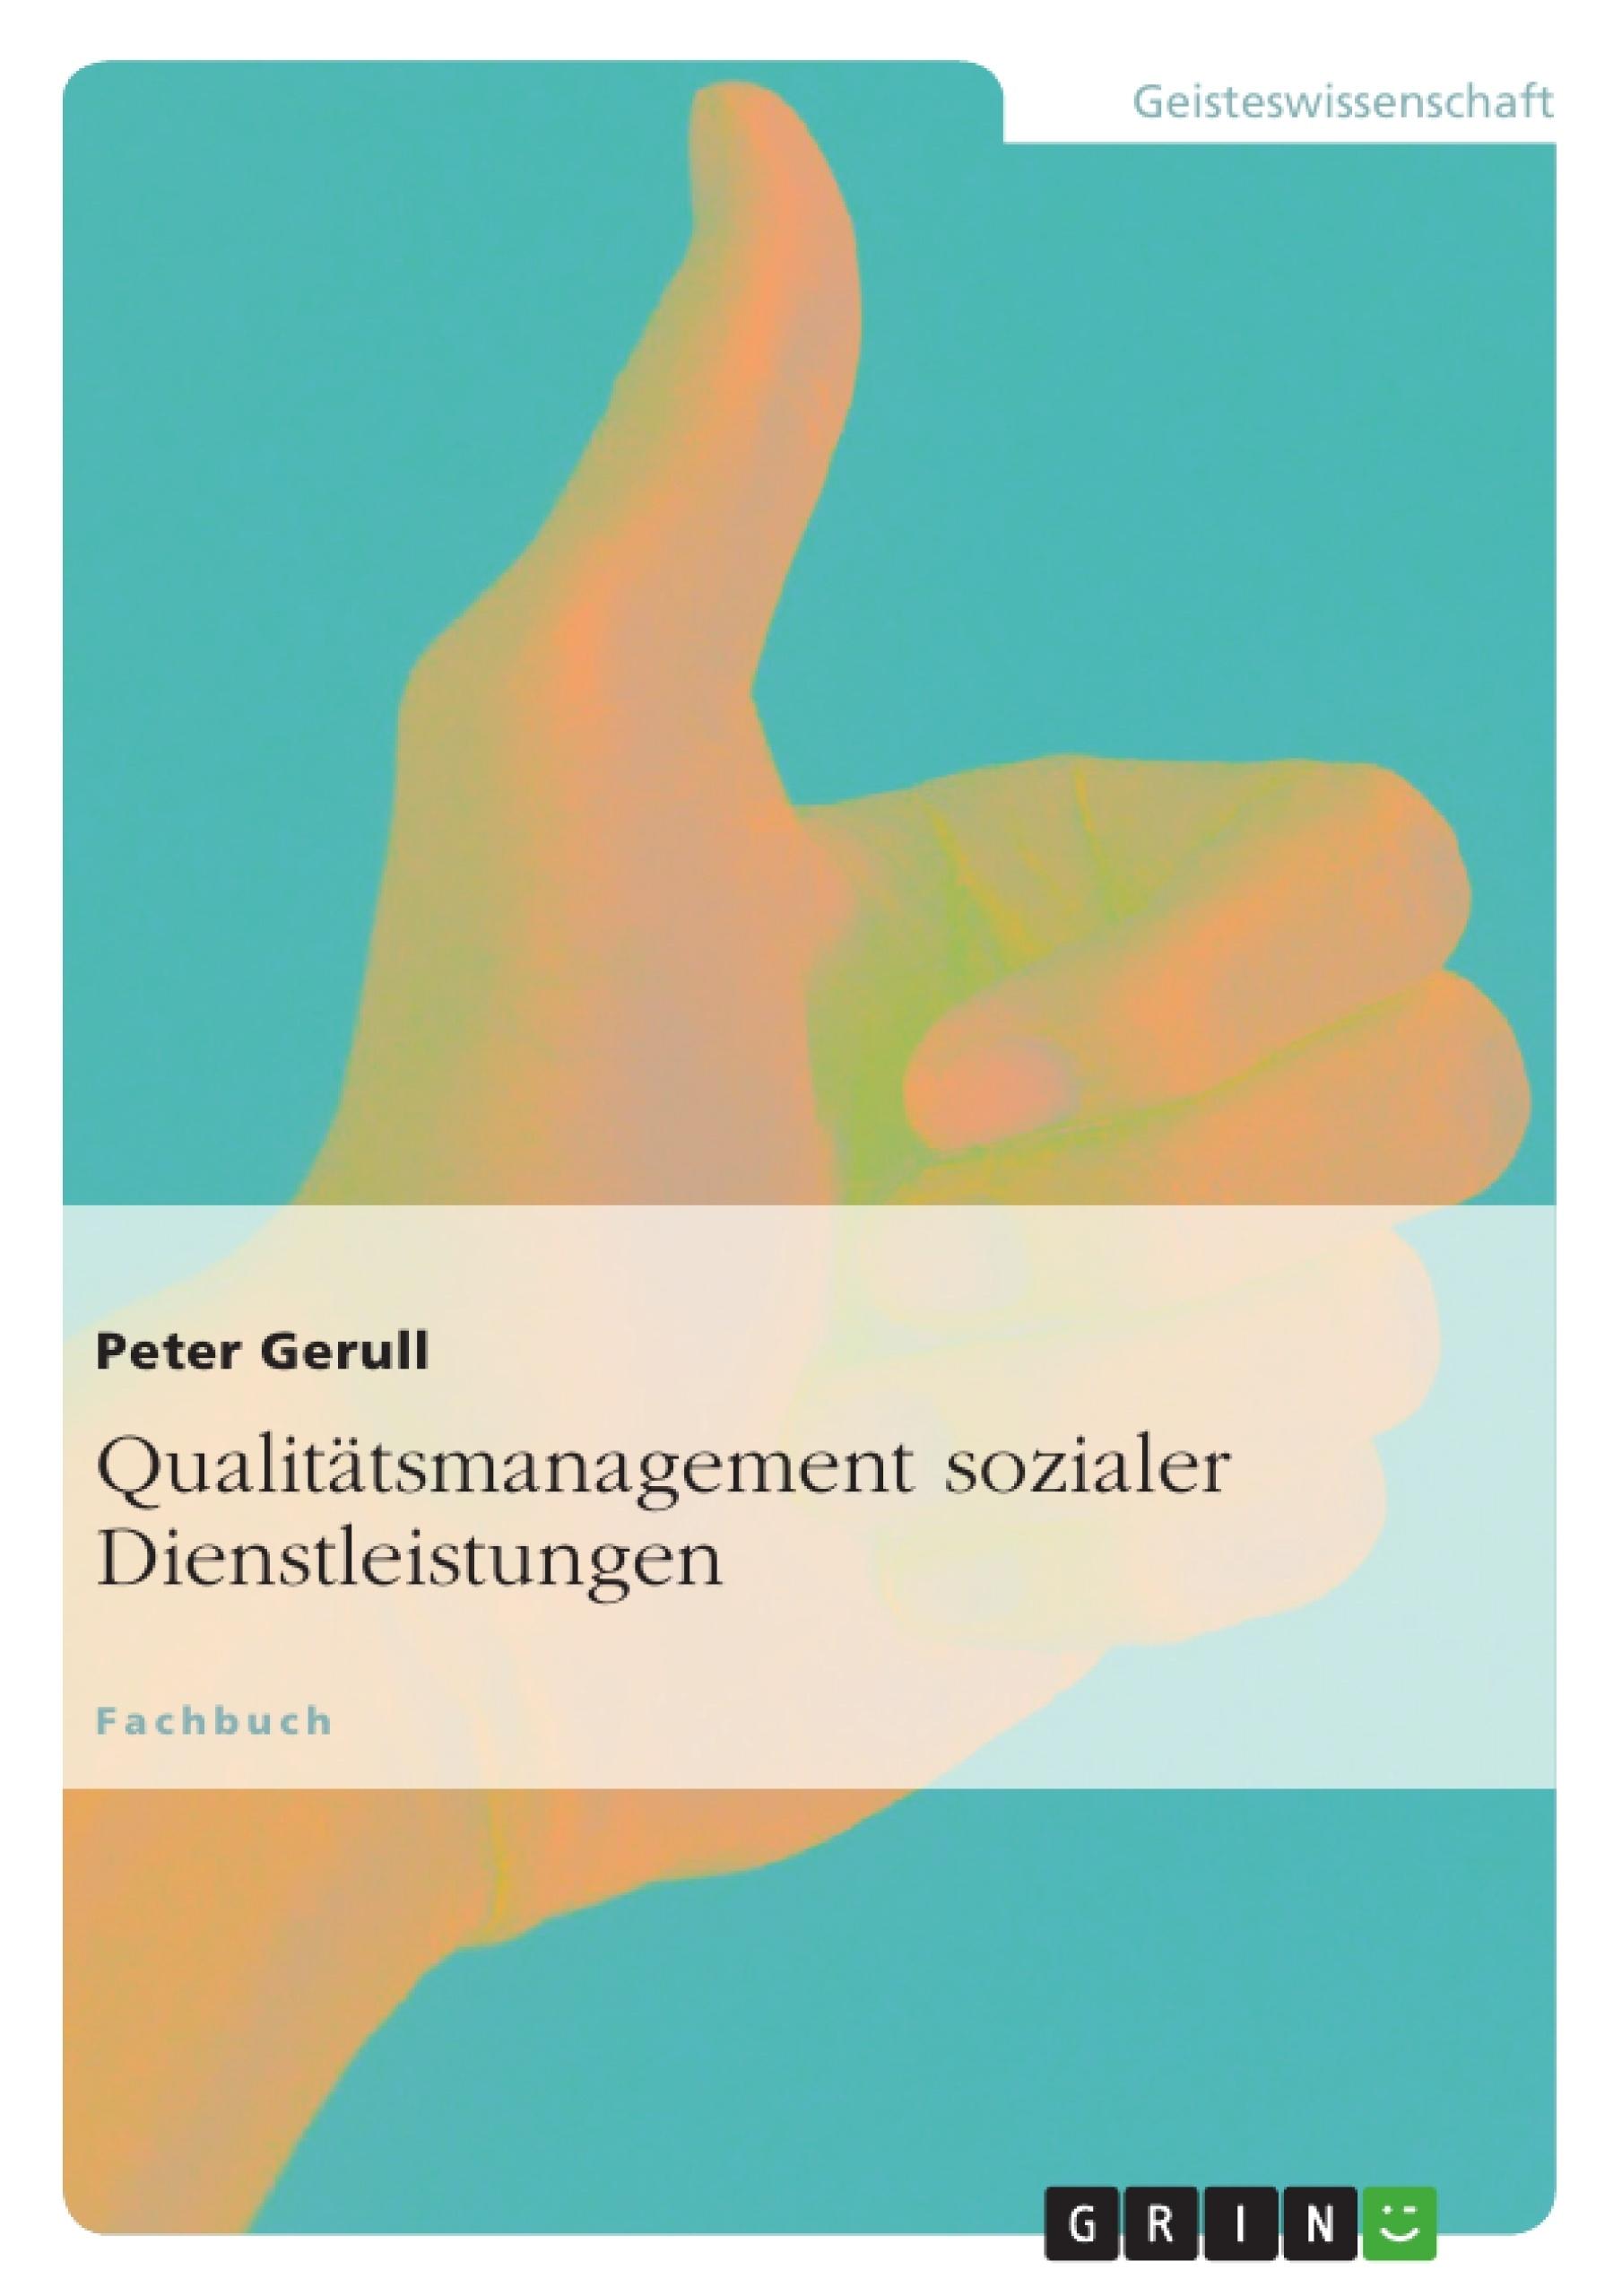 Titel: Qualitätsmanagement sozialer Dienstleistungen